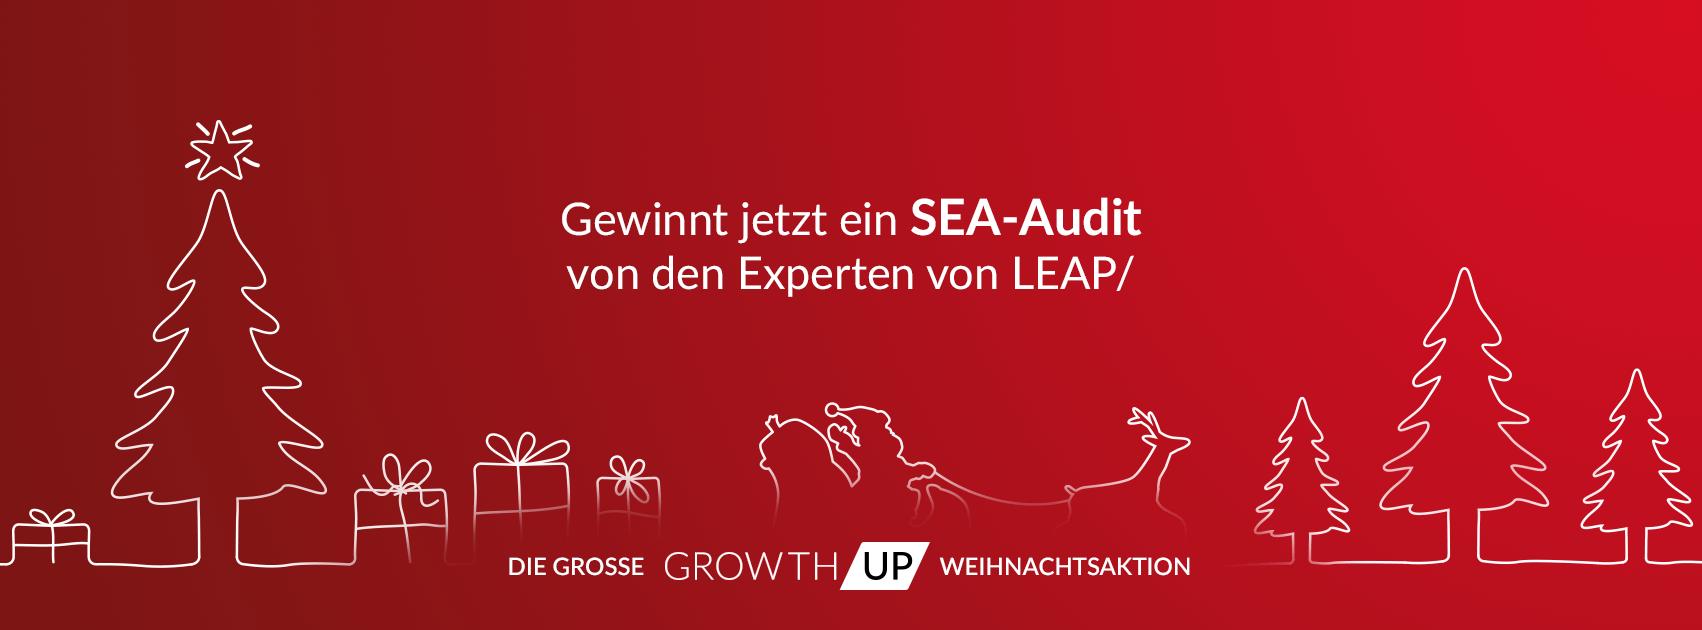 GrowthUp - Gewinnt jetzt ein SEA-Audit